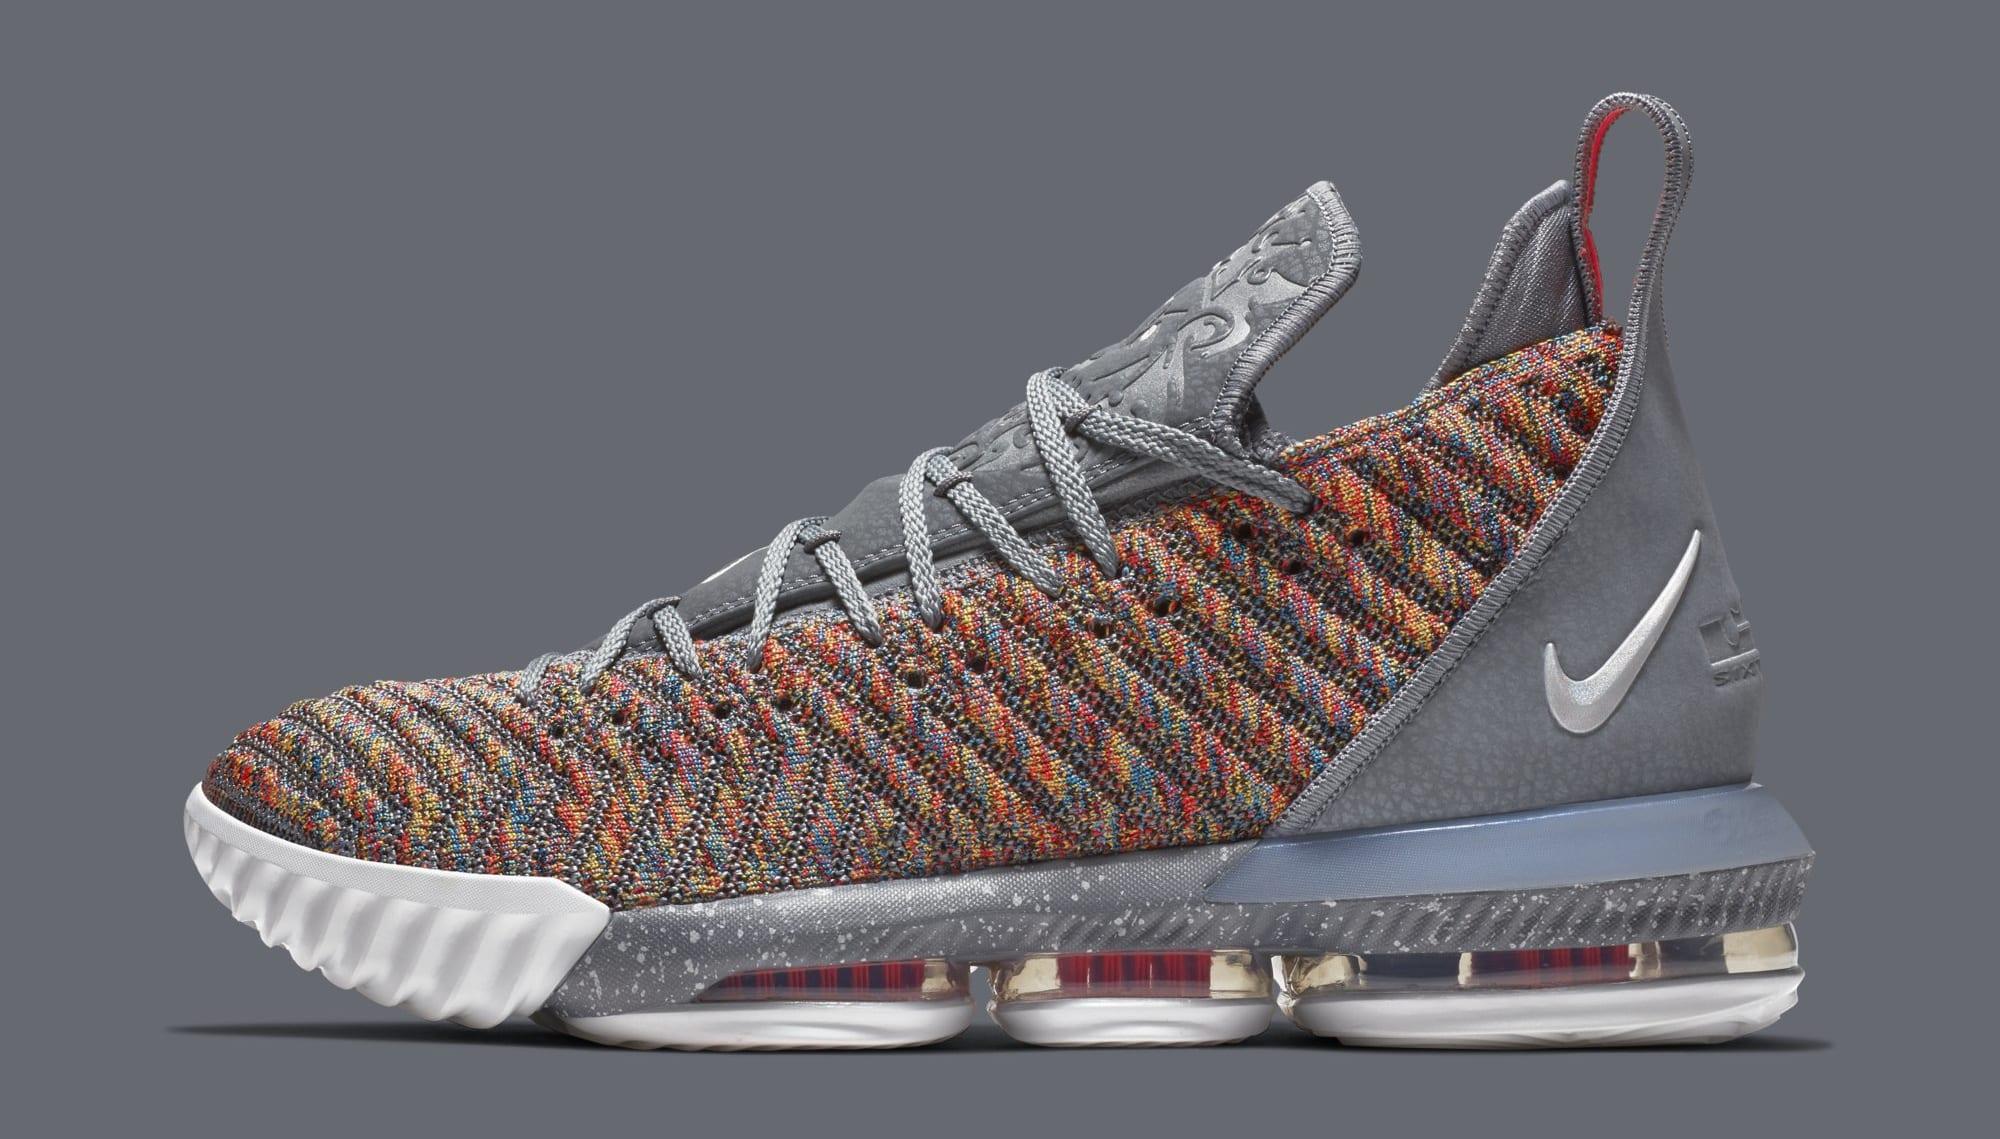 Nike LeBron 16 'Multicolor' BQ5969-900 (Lateral)